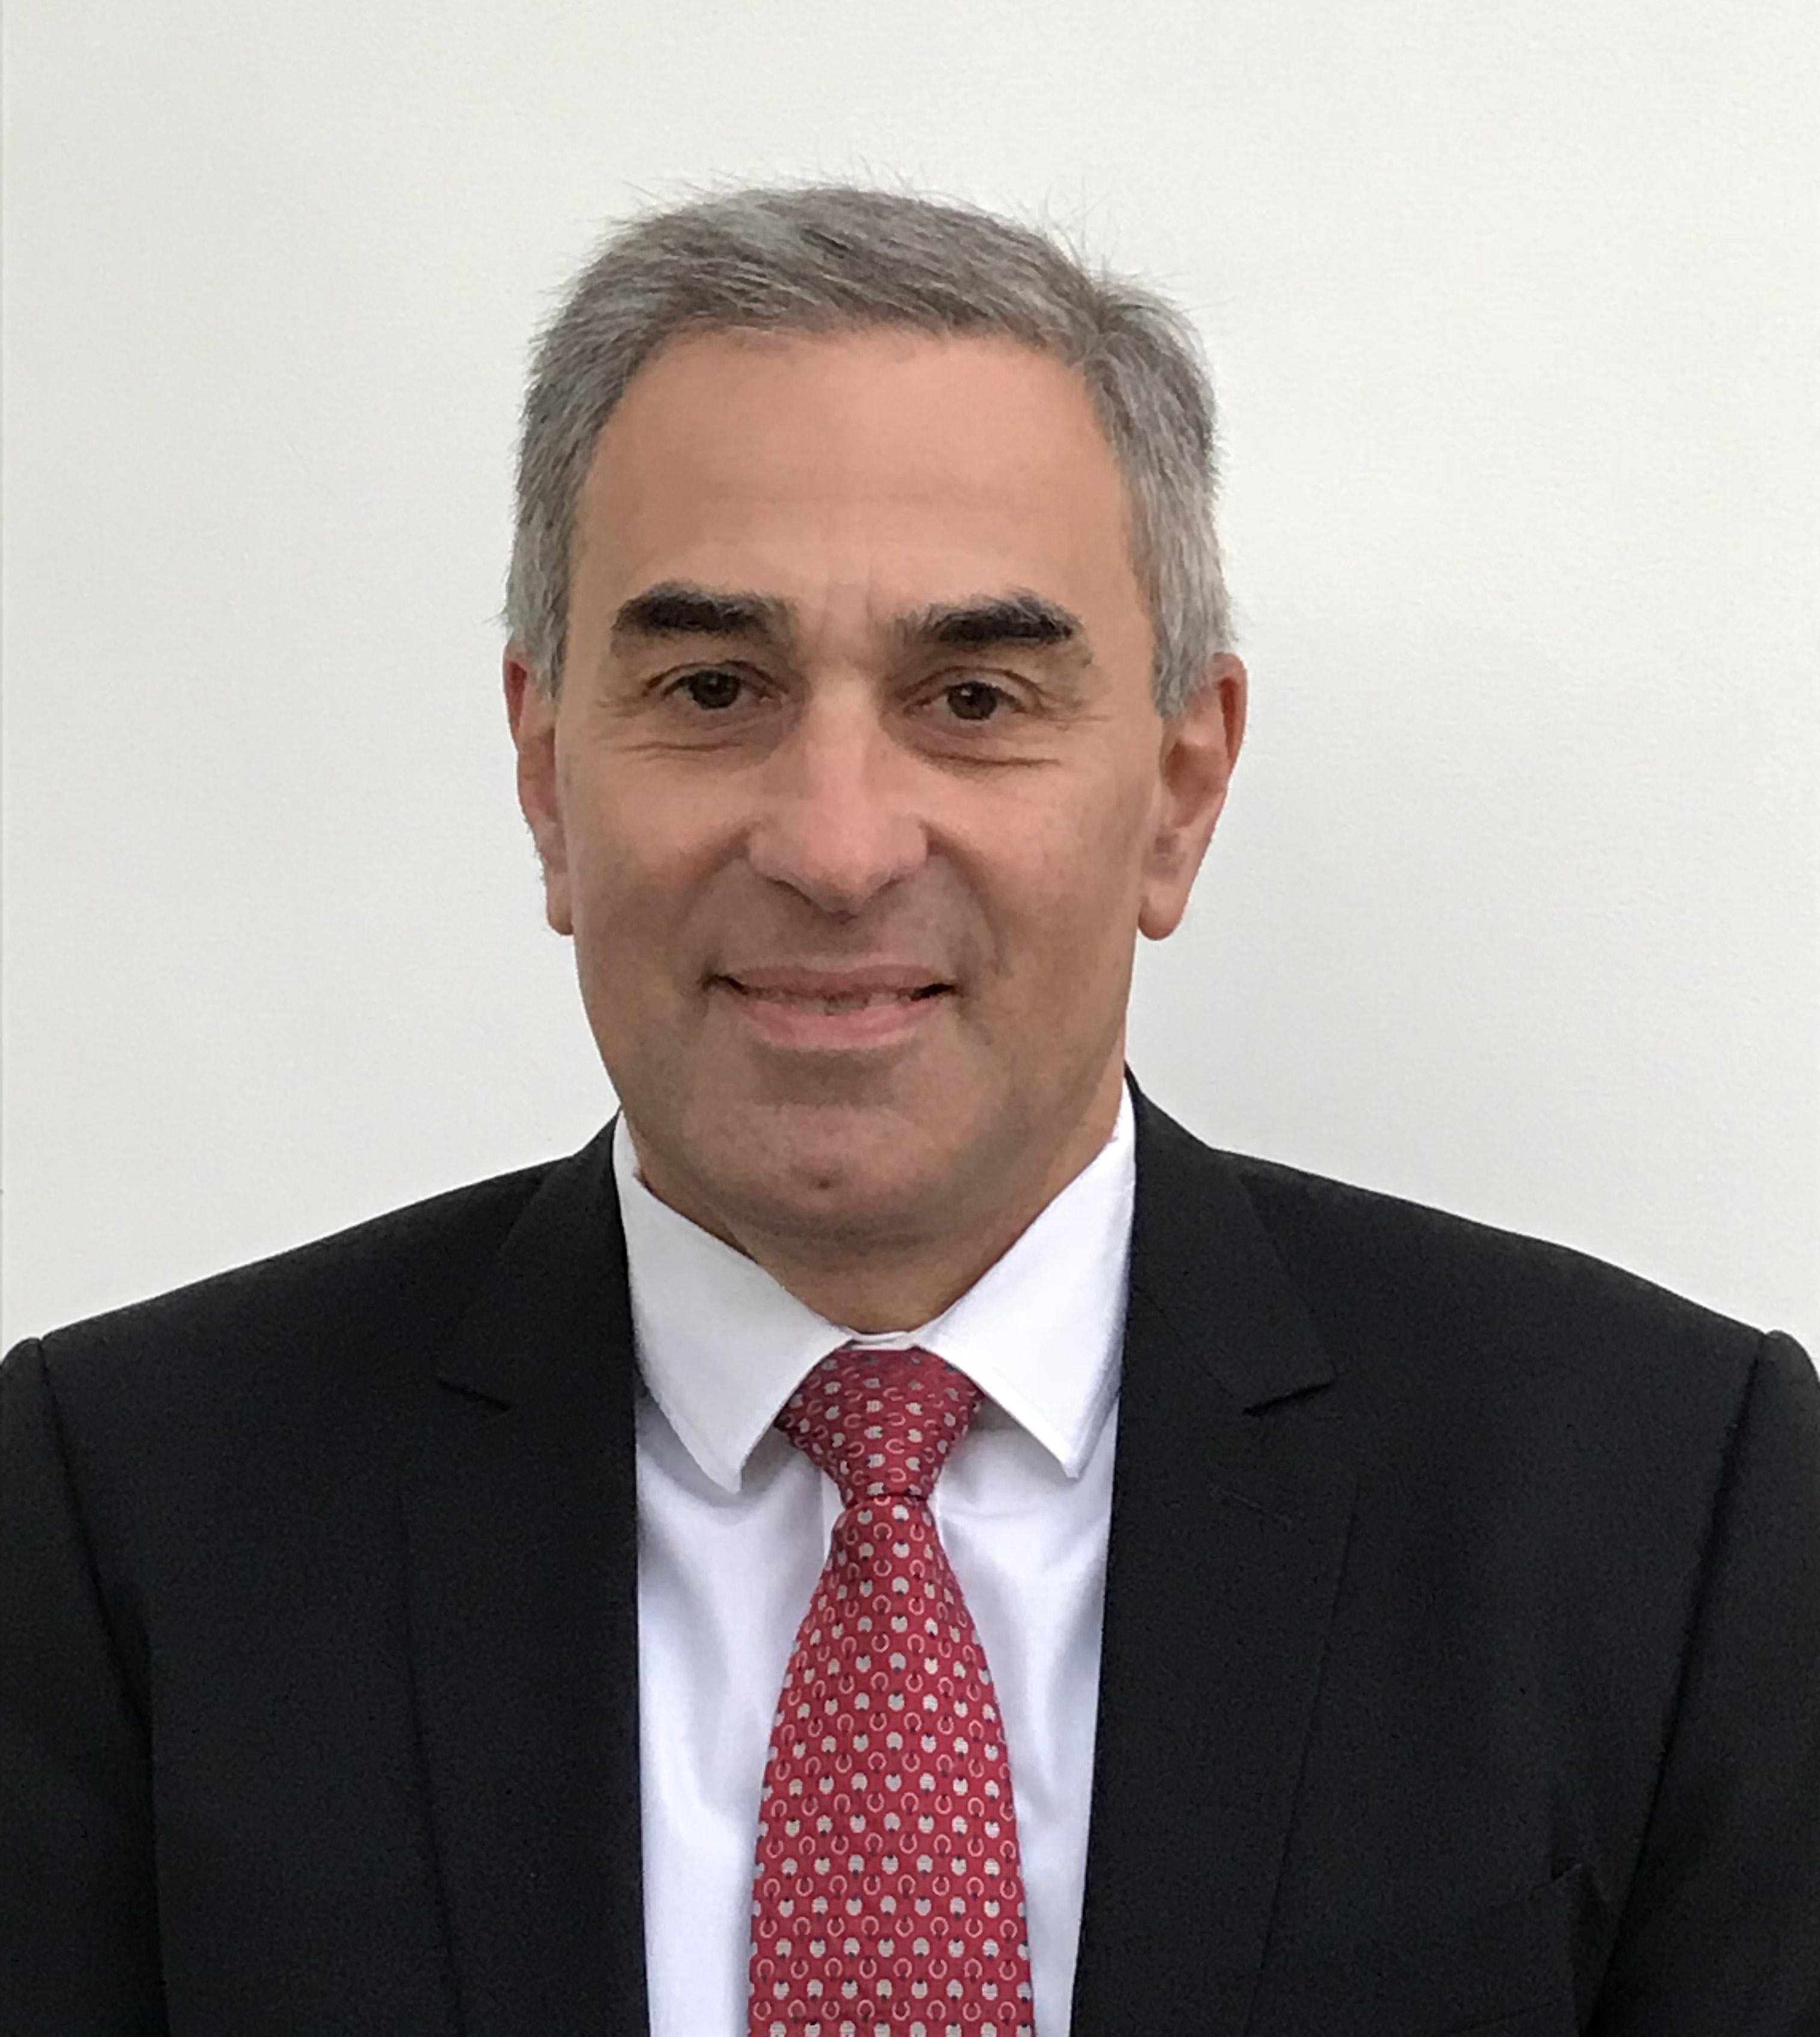 L'interview Professeur Patrick Tounian : « L'obésité est un injustice génétique ». Le chef du service de Nutrition et gastroentérologie pédiatriques de l'hôpital Trousseau répond « cash » aux questions de la LCO.